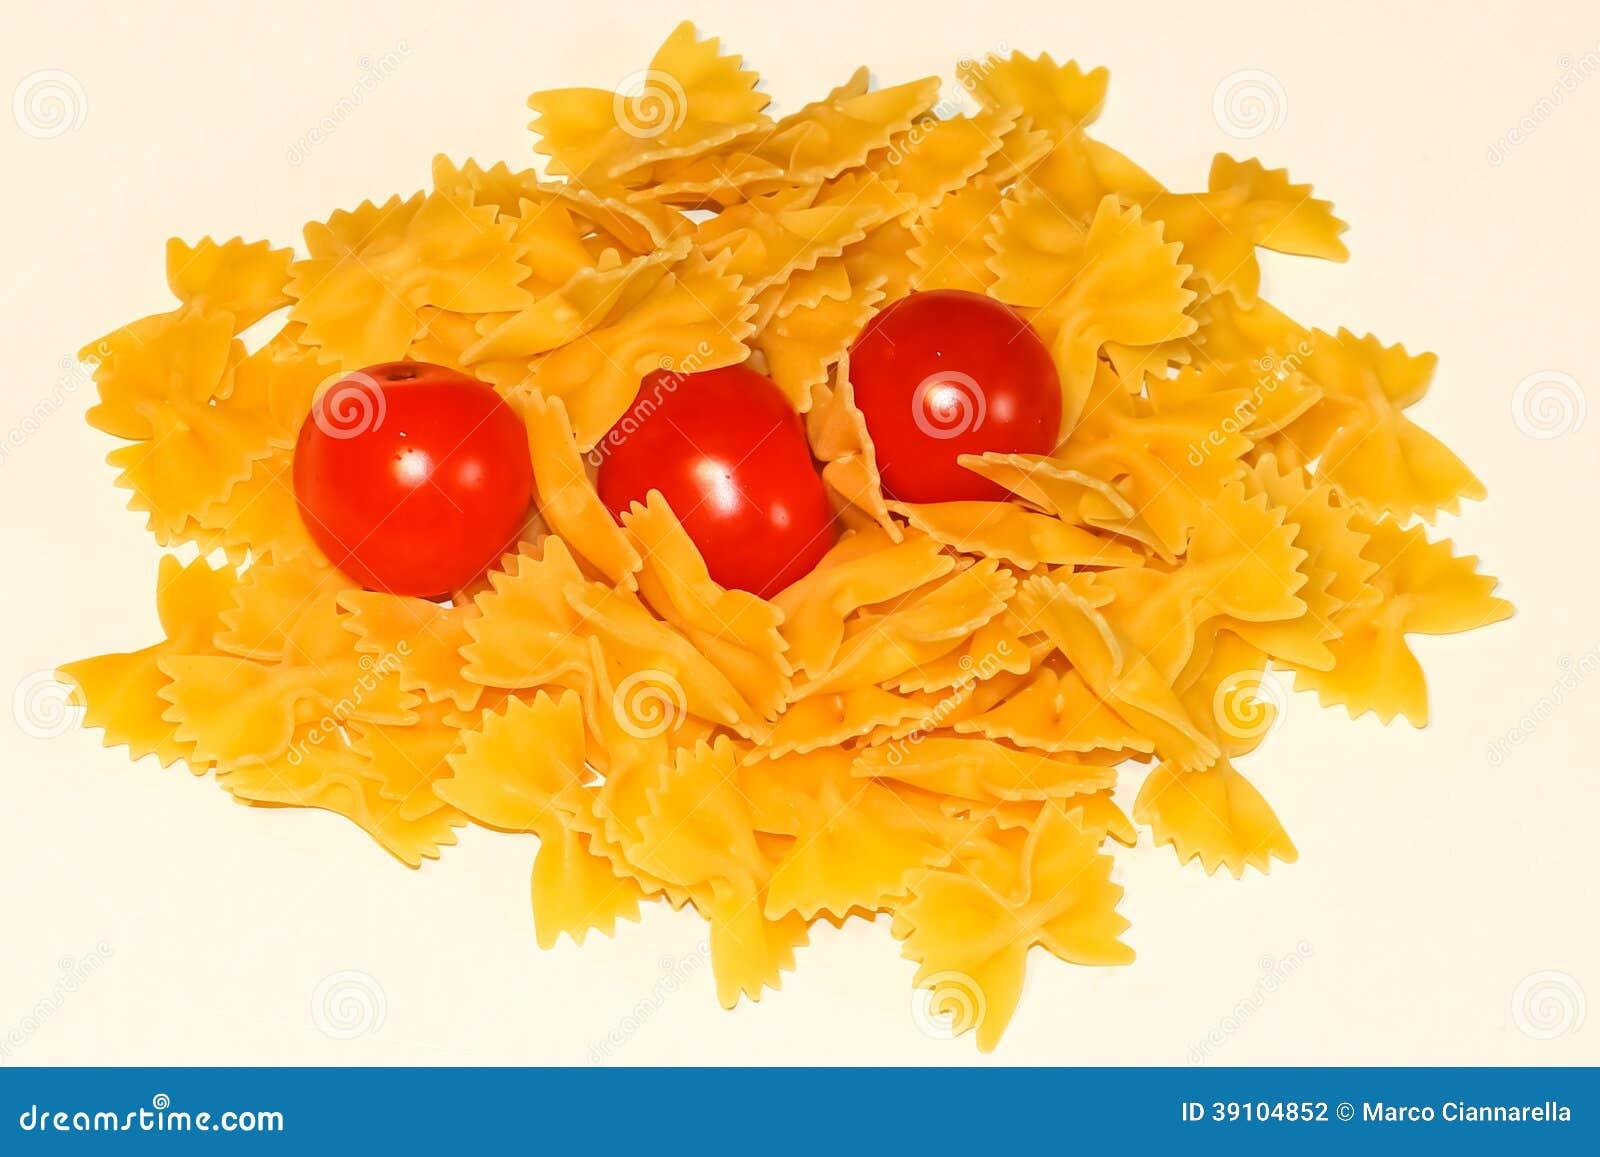 Farfalledeegwaren en tomaat